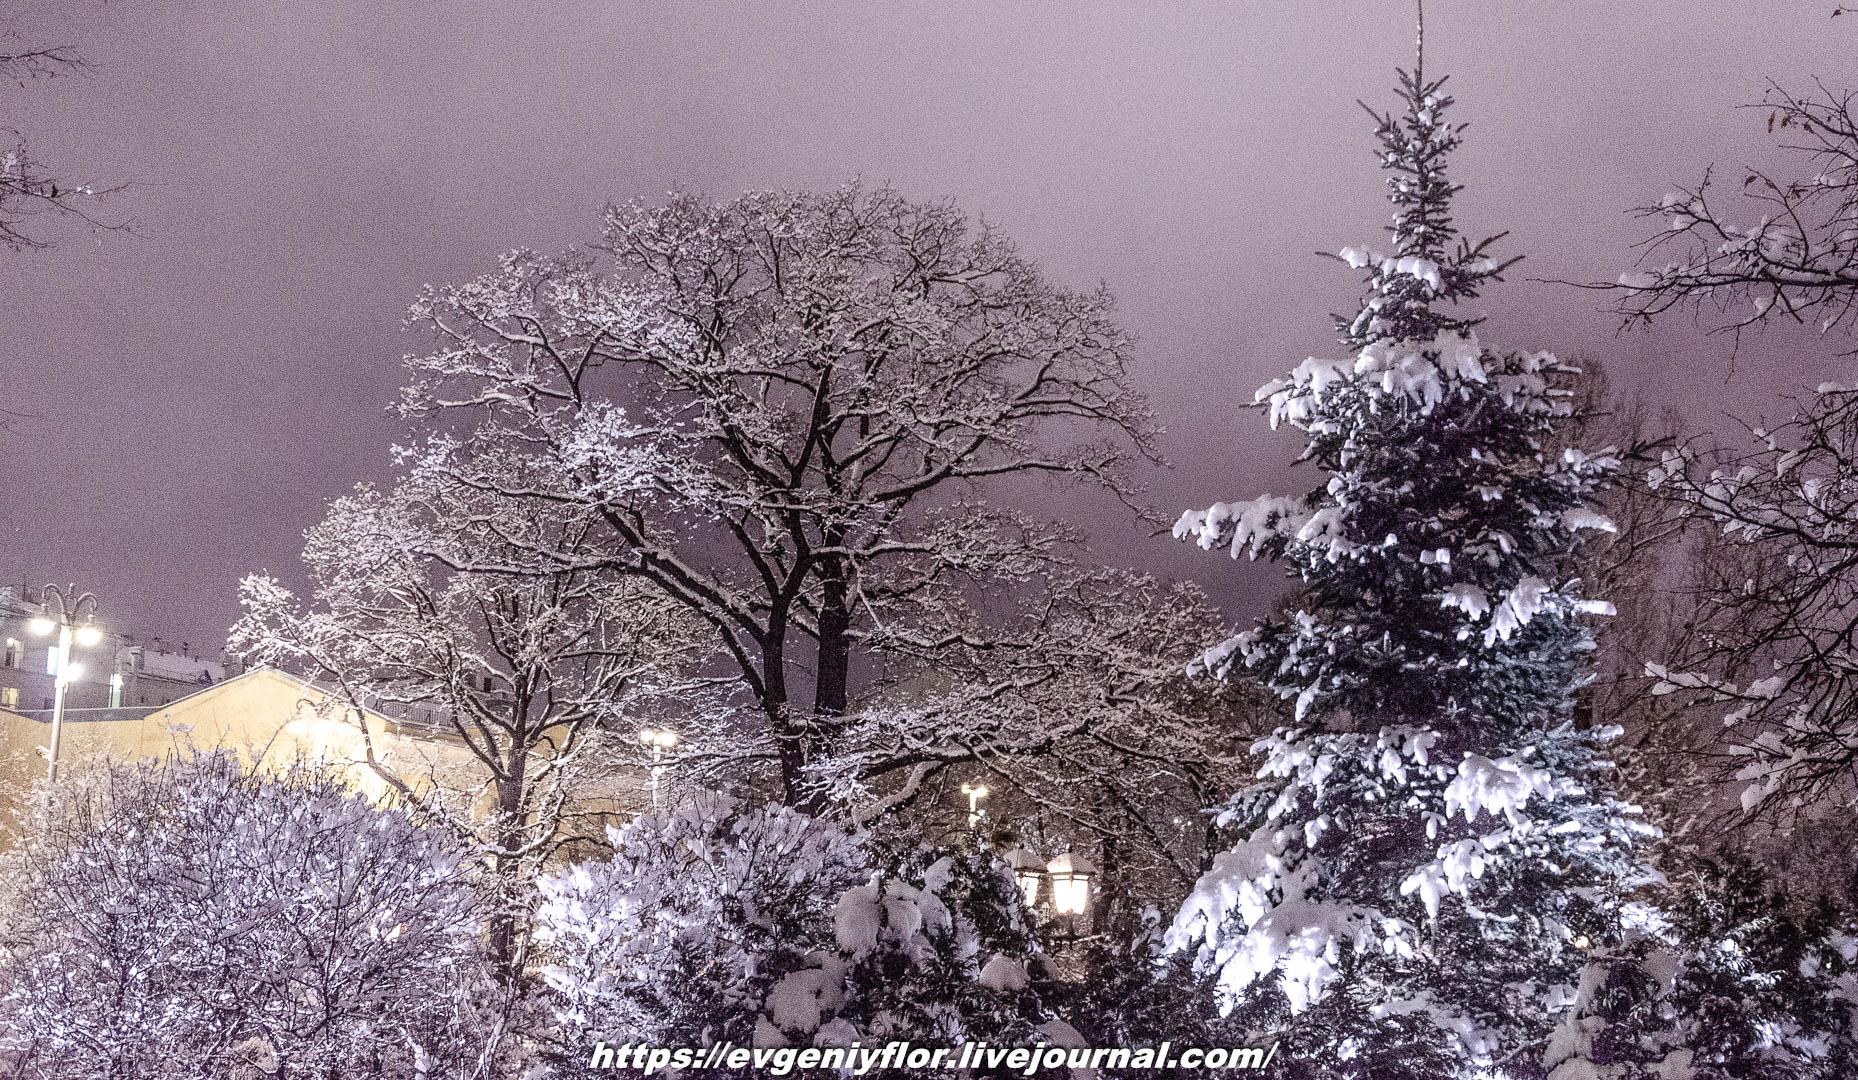 Вечерняя прогулка после снегопада    13 02 - 2019 Среда !Новая папка (2)6618.jpg